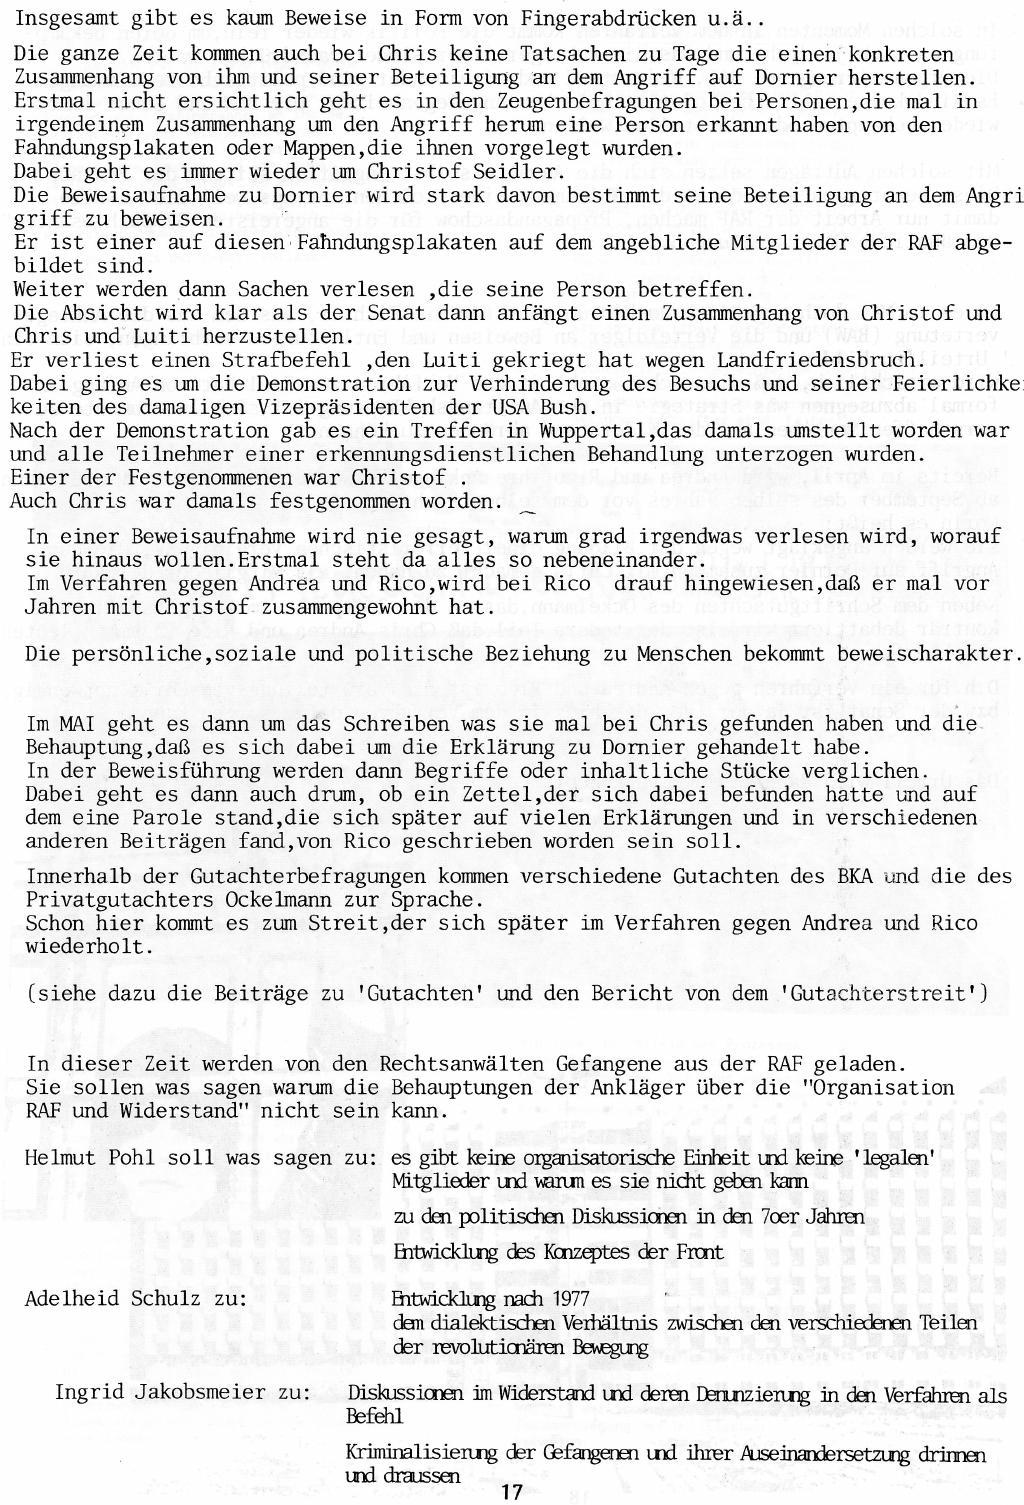 Duesseldorf_1989_Sechs_Politische_Gefangene_017